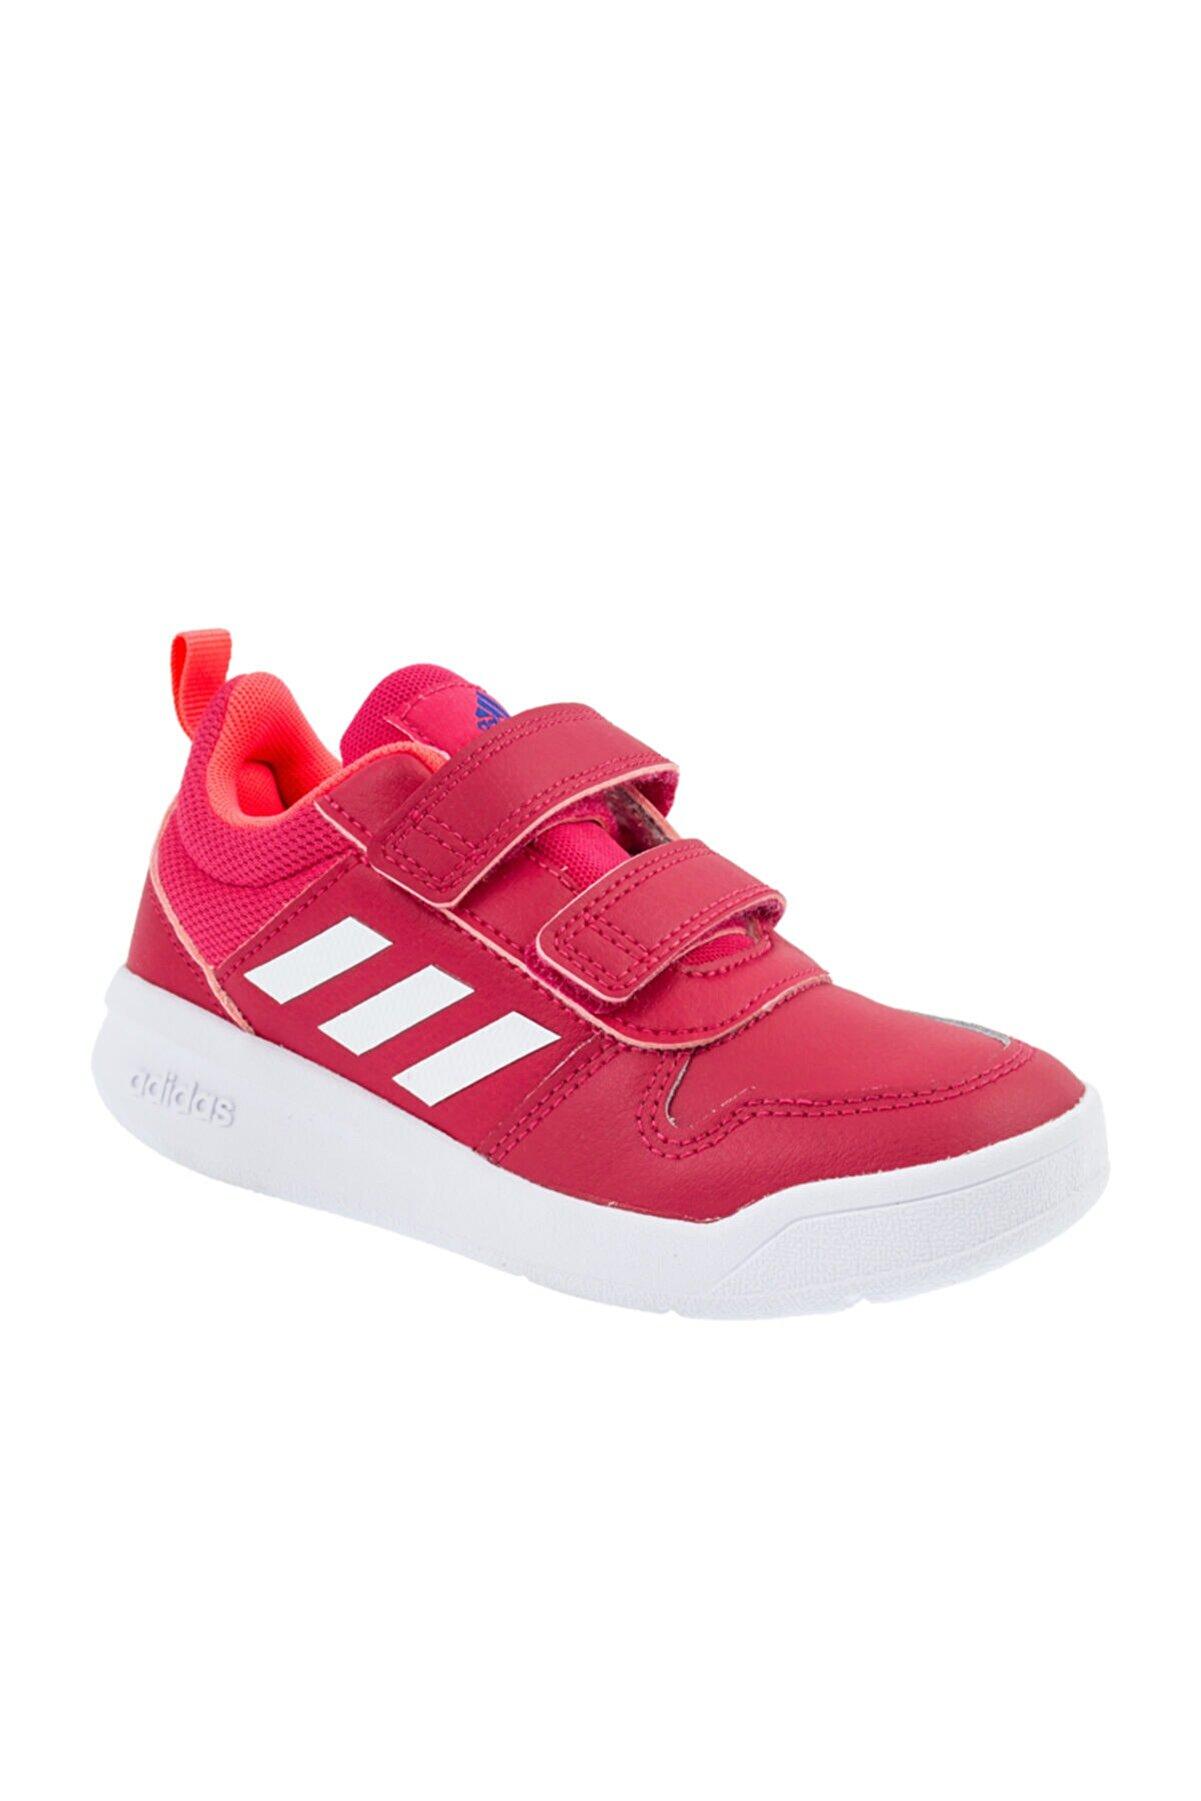 adidas TENSAUR C Fuşya Kız Çocuk Koşu Ayakkabısı 100663757